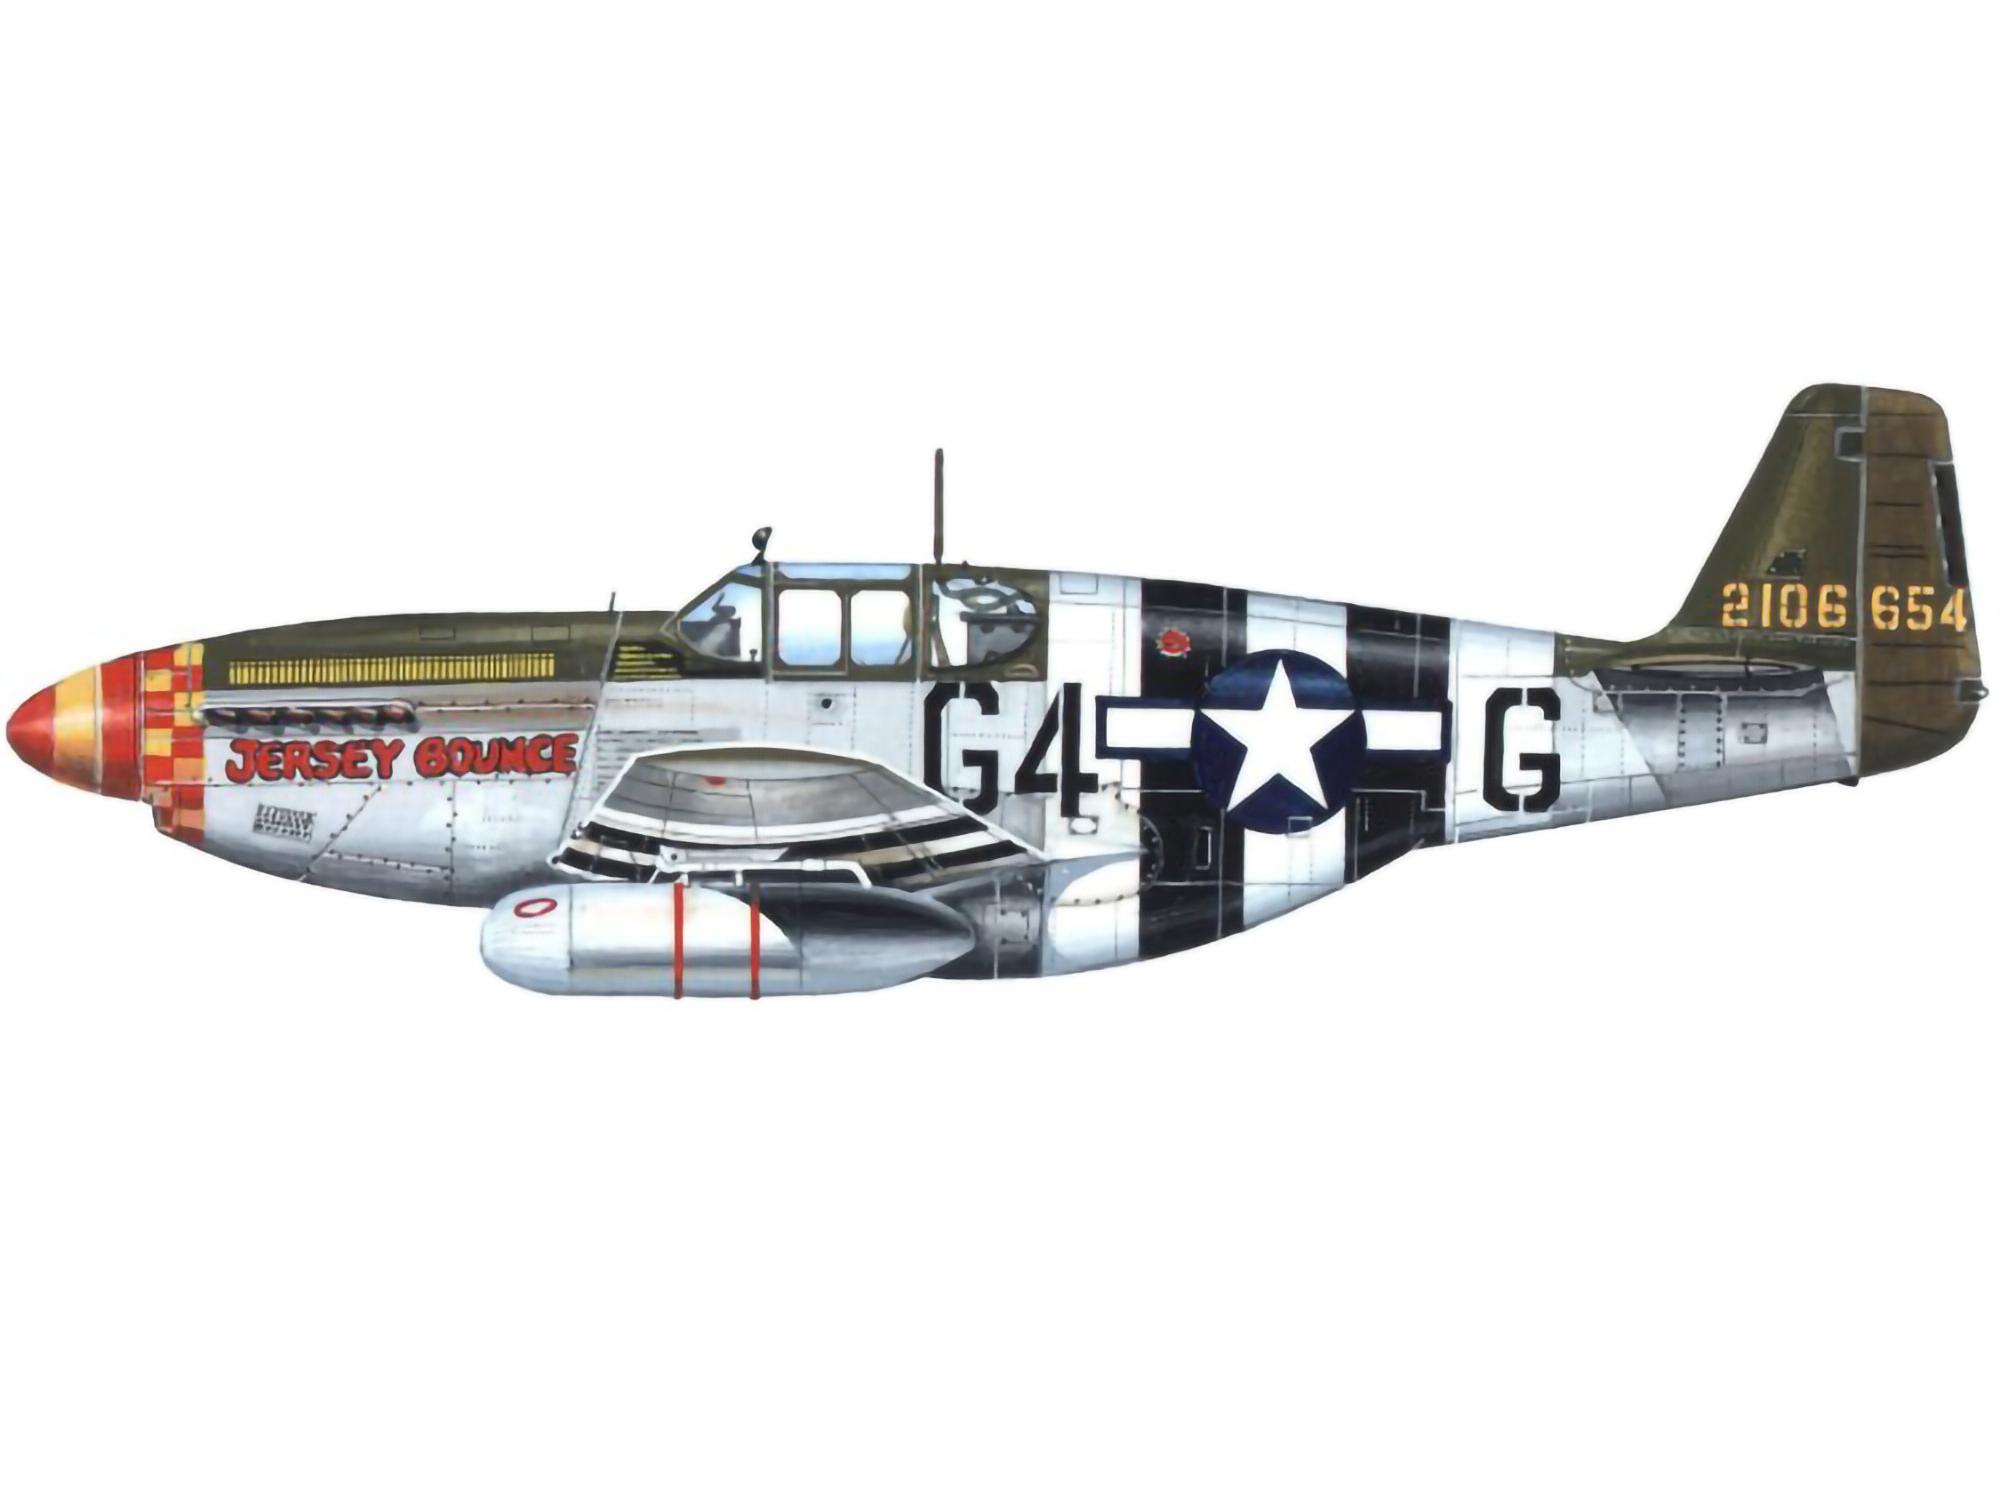 P-51B – Jersey Bounce – 42-106654